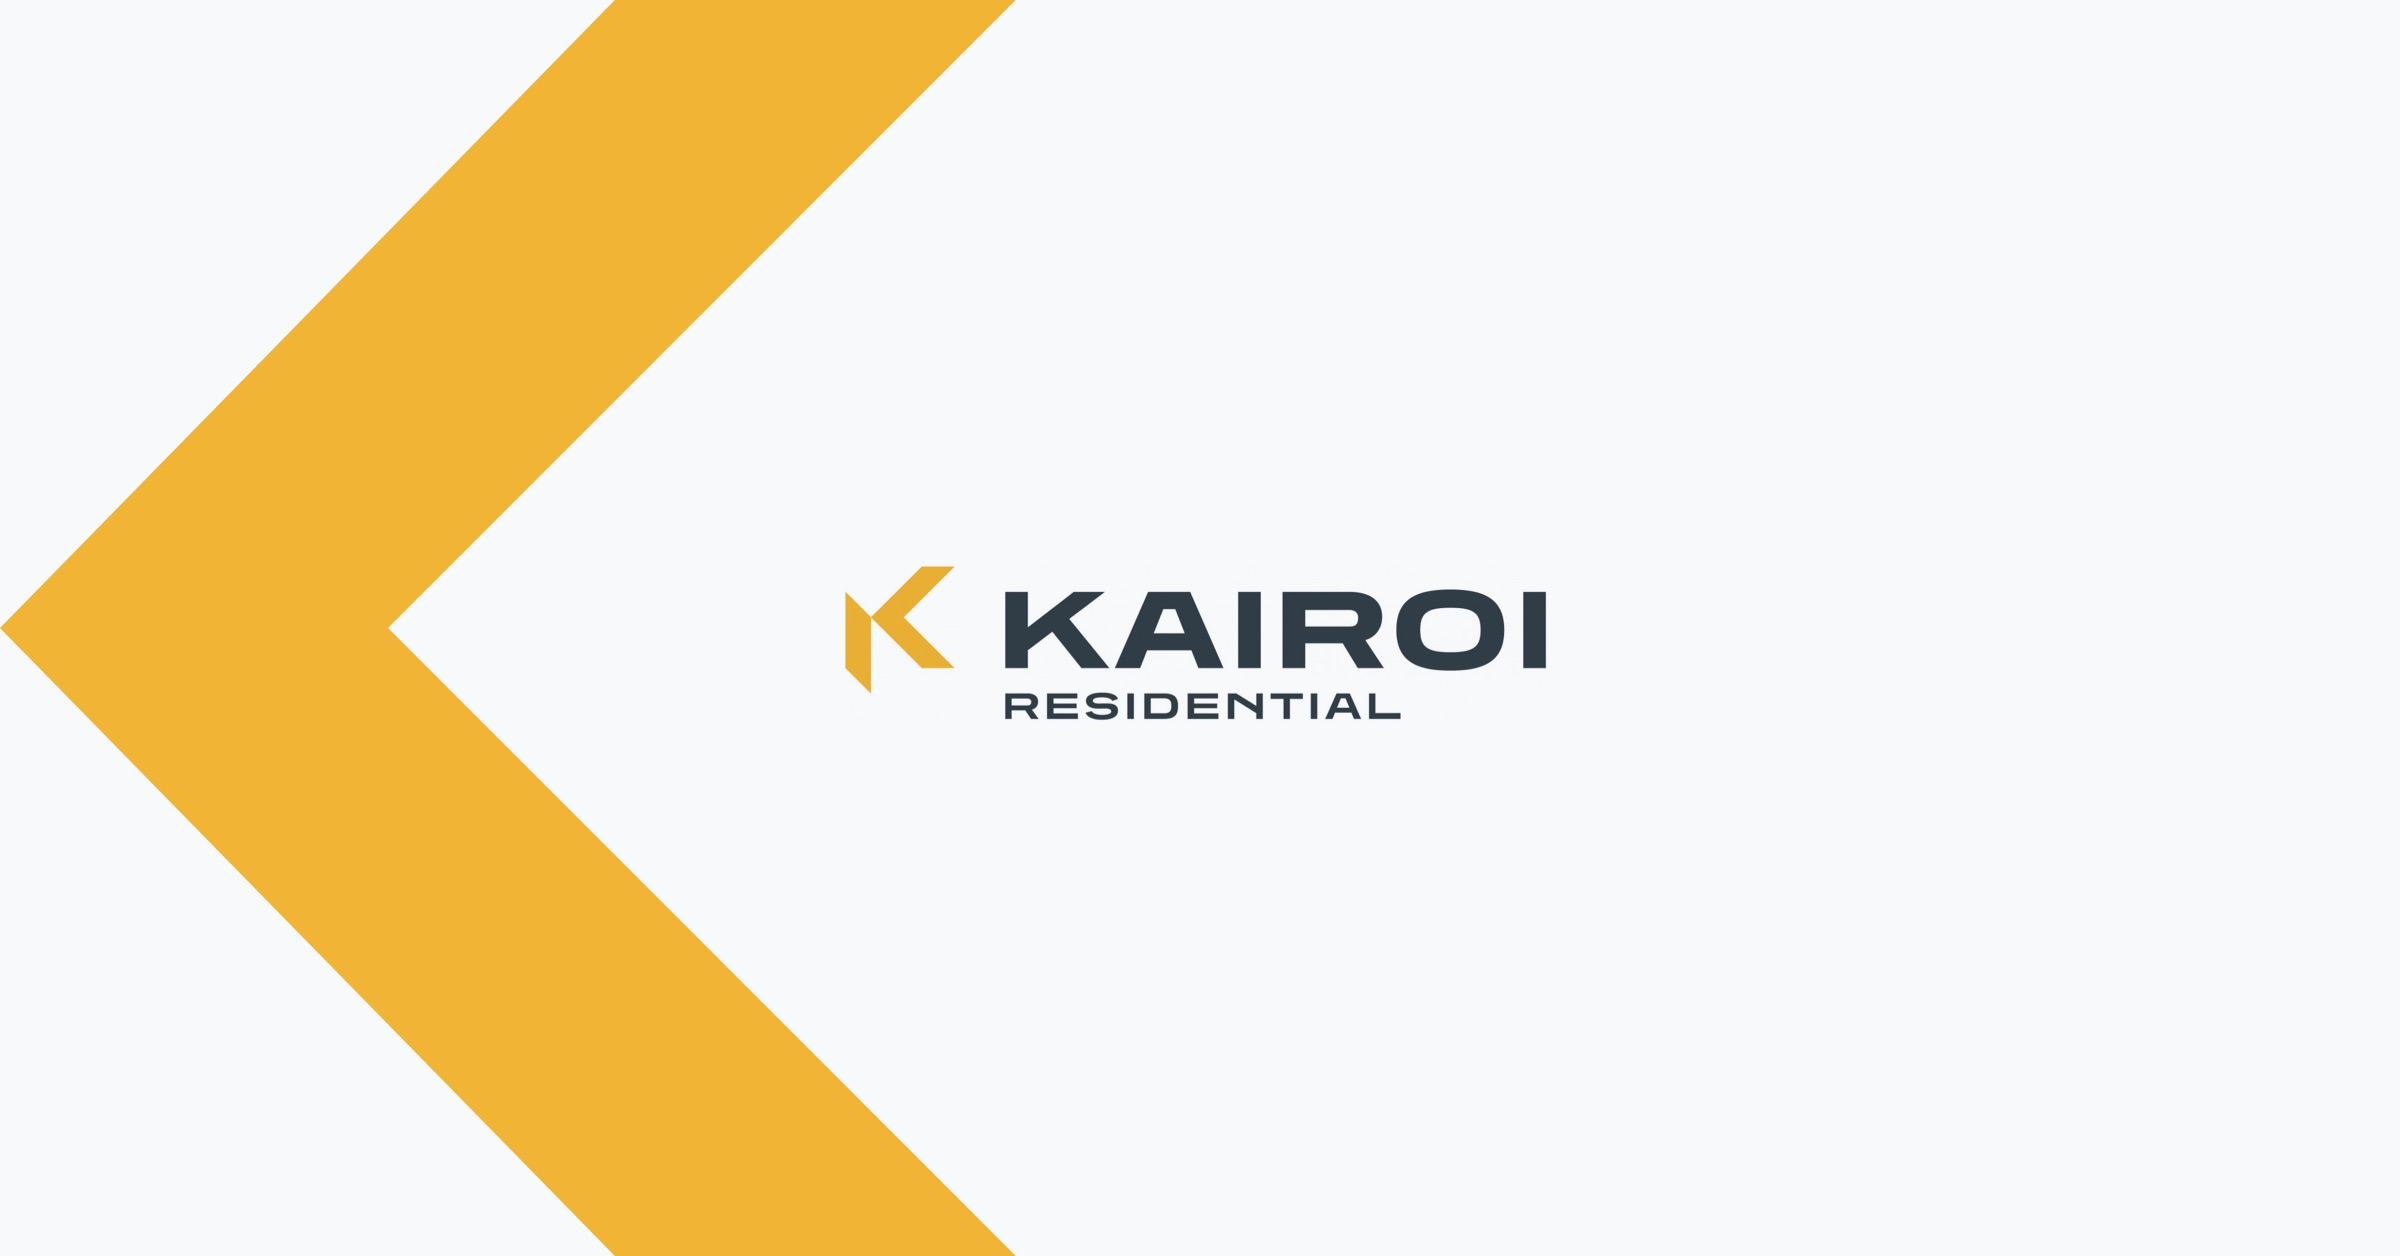 Kairoi uses Happeo to drive success